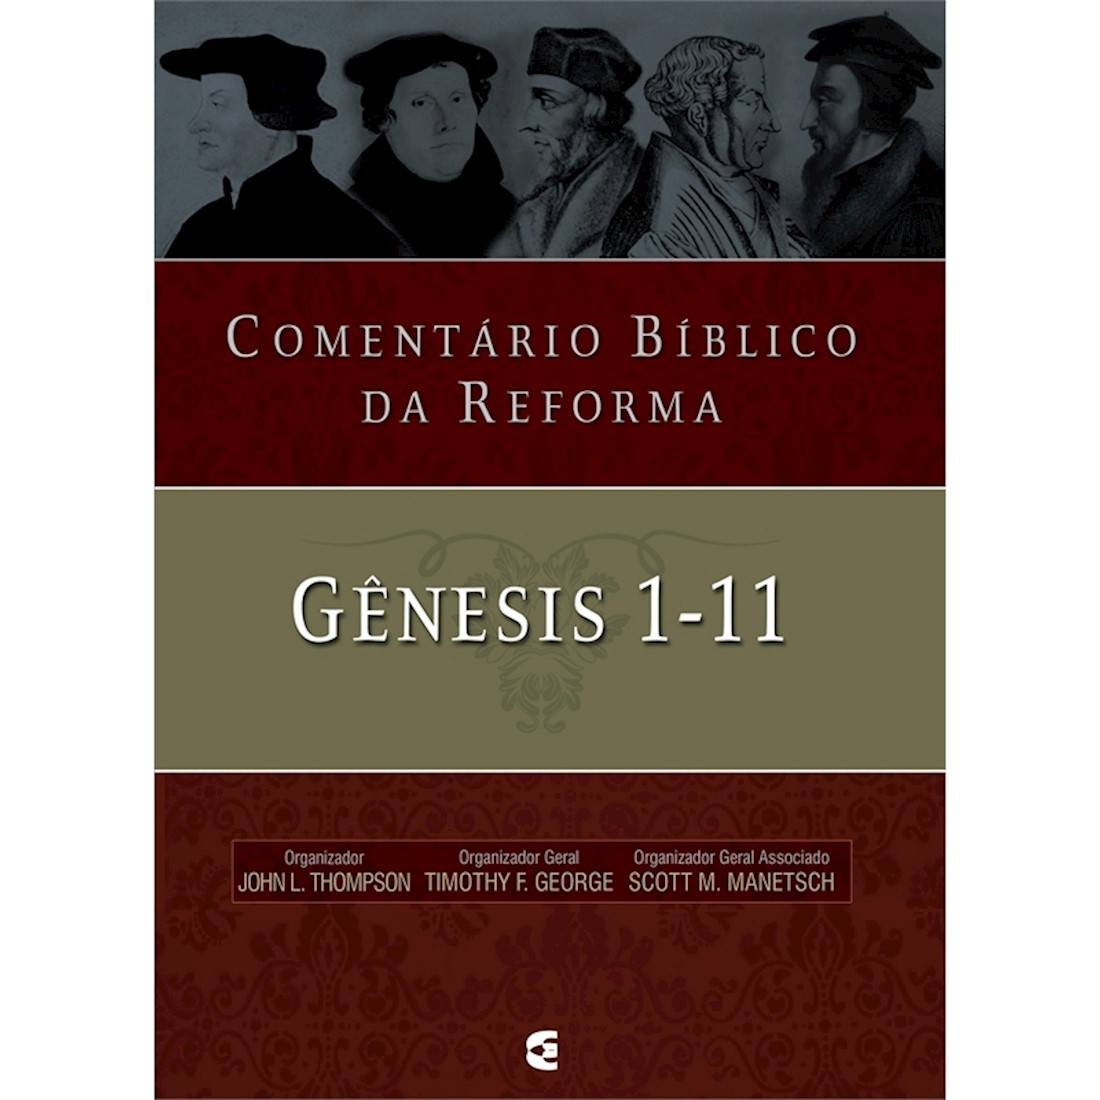 Livro Comentário Bíblico da Reforma - Gênesis 1-11